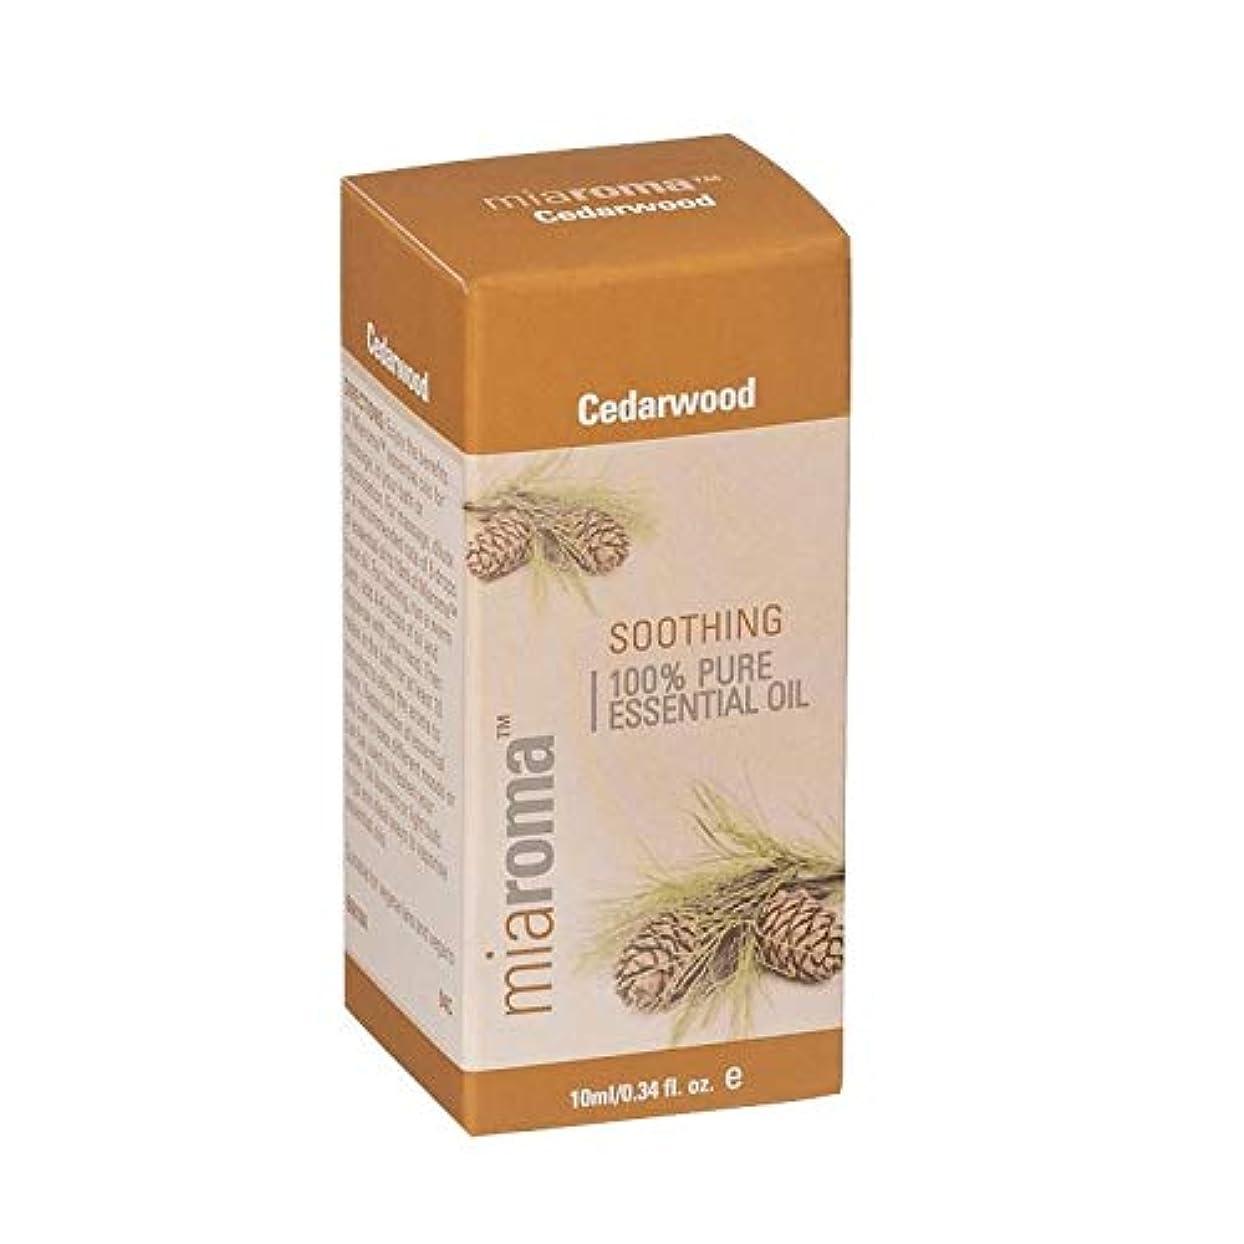 できる損失大きい[Miaroma] Miaromaシダーウッドピュアエッセンシャルオイル - Miaroma Cedarwood Pure Essential Oil [並行輸入品]